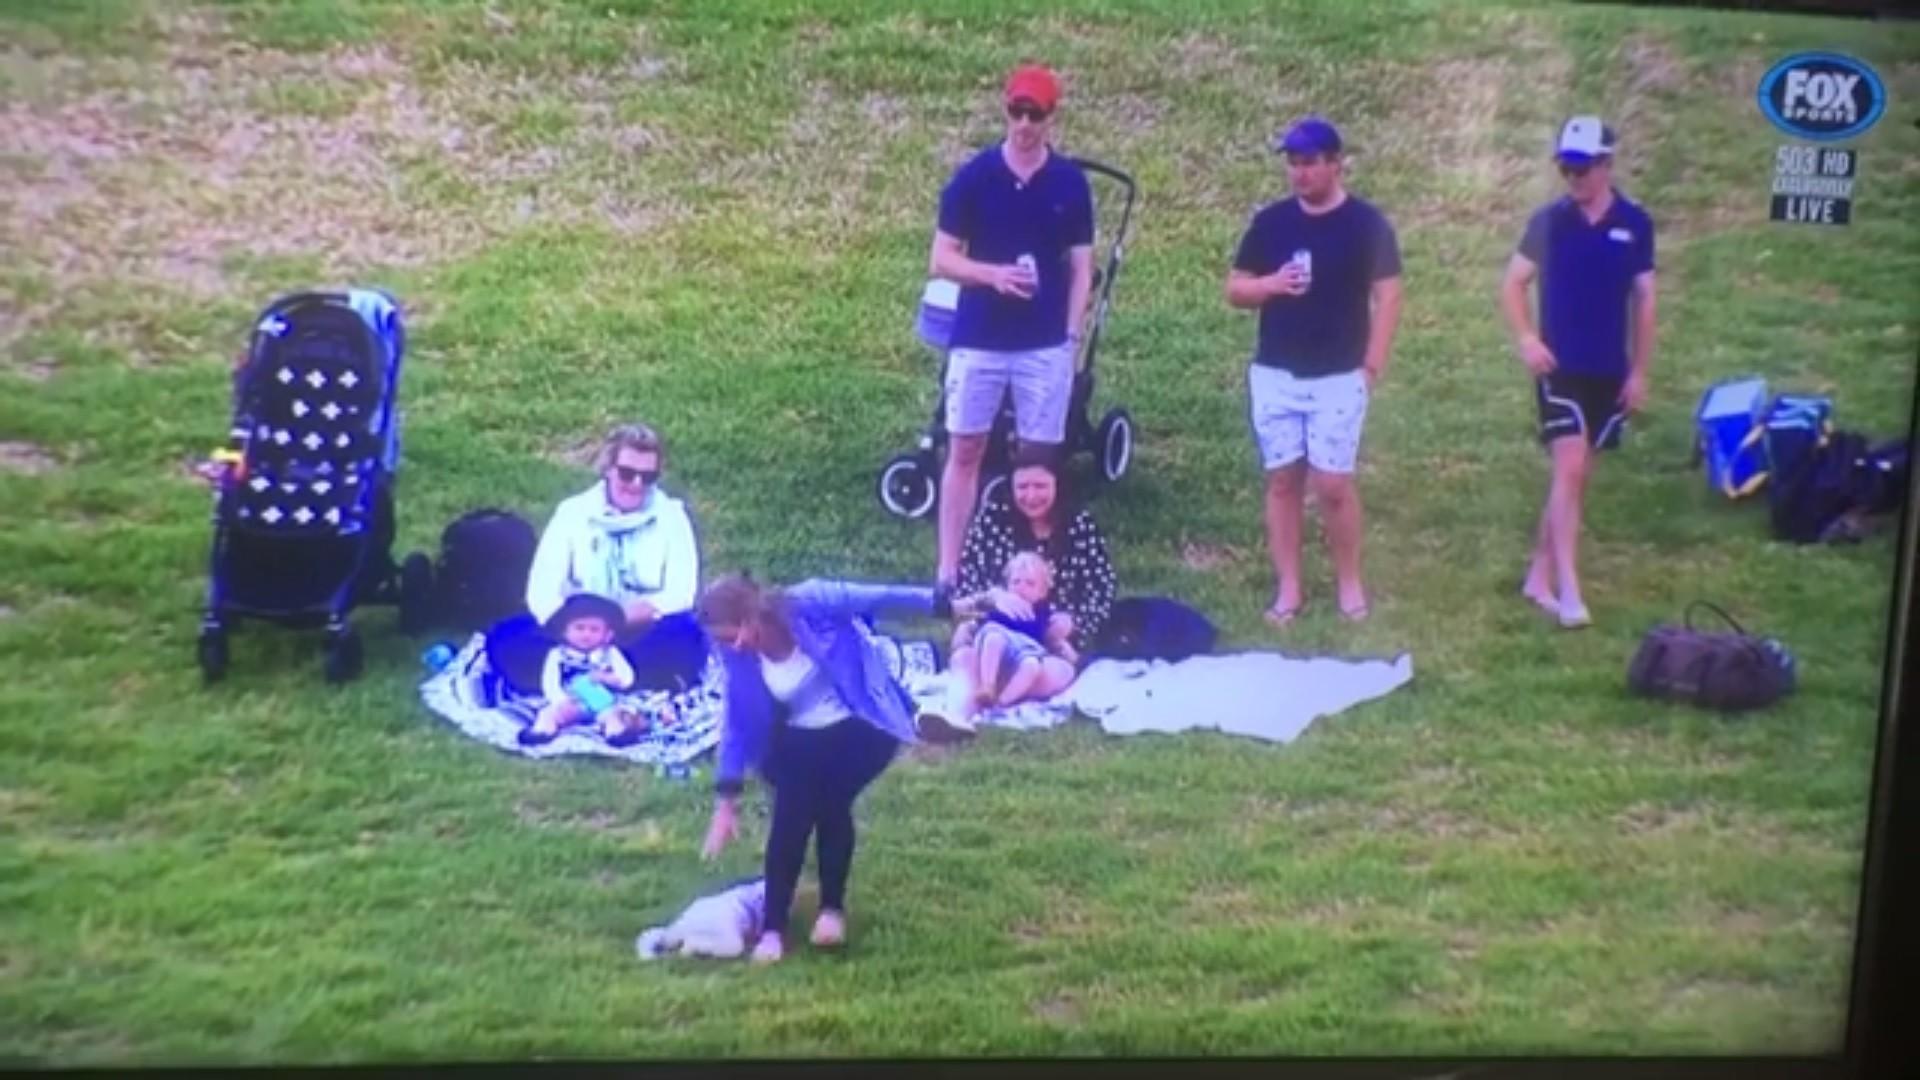 Bebê rola em gramado (Foto: Reprodução Facebook)